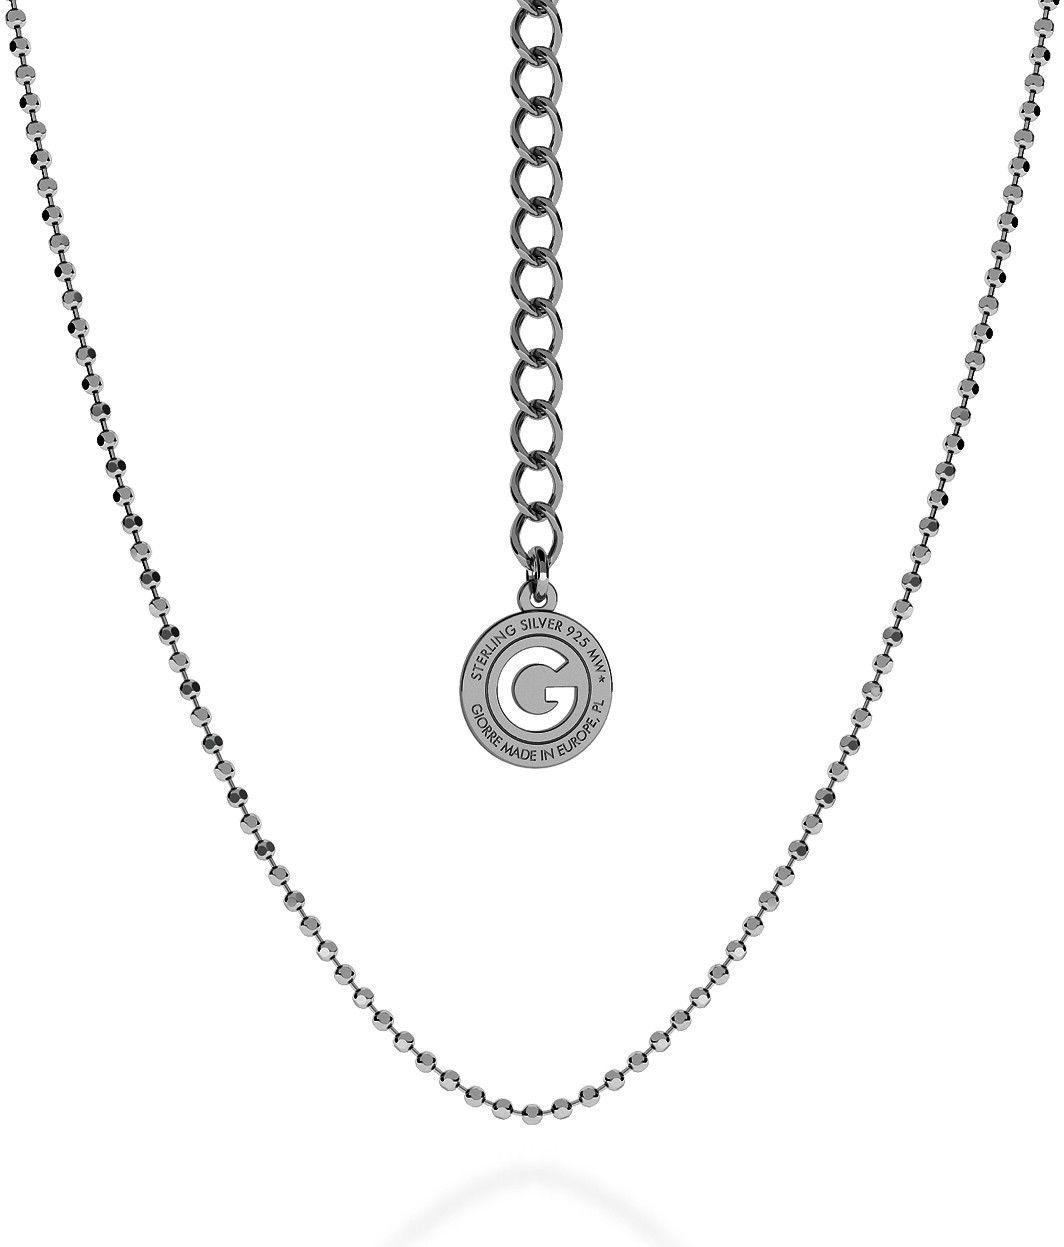 Srebrny łańcuszek pancerka diamentowana, srebro 925 : Długość (cm) - 45, Srebro - kolor pokrycia - Pokrycie żółtym 18K złotem